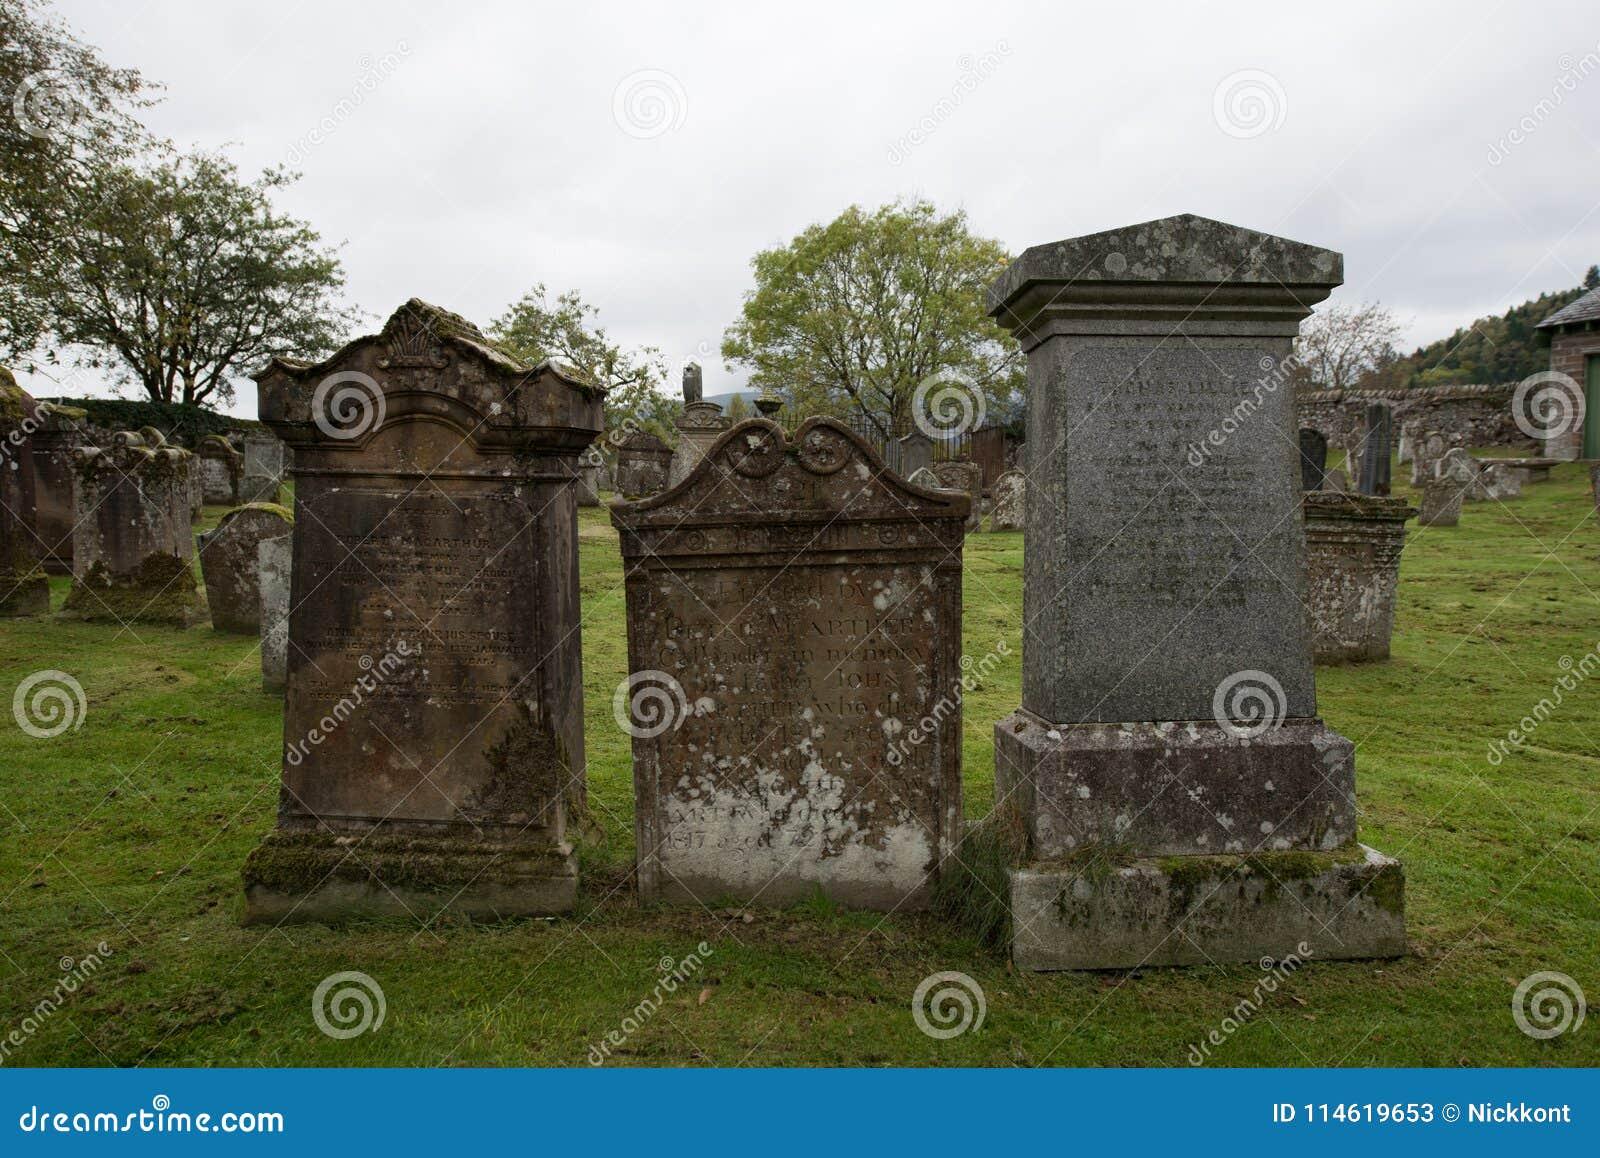 Τρεις ταφόπετρες σε ένα νεκροταφείο στη Σκωτία